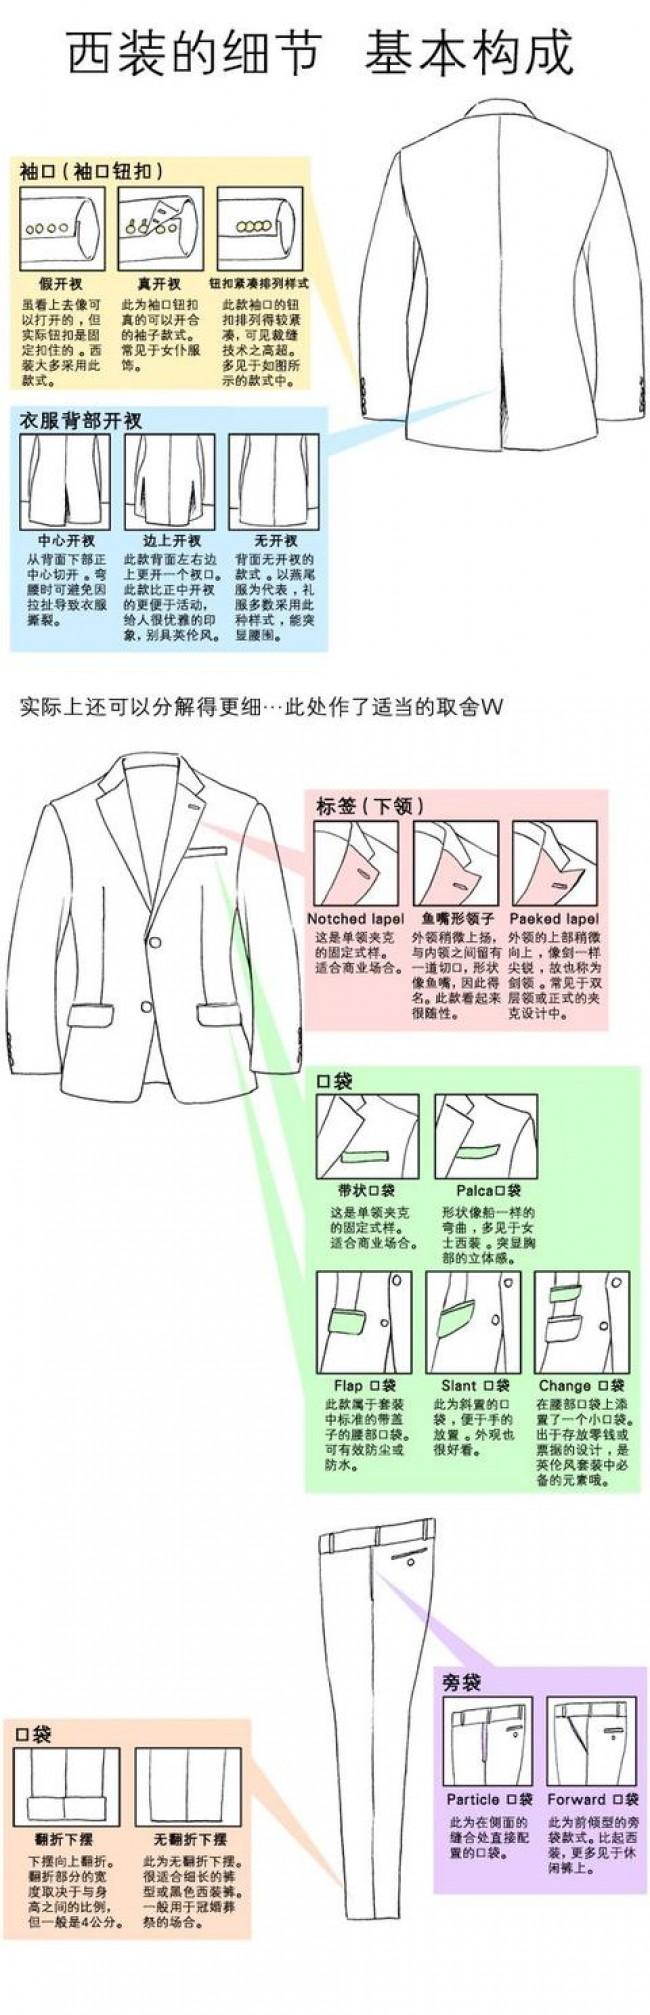 动漫画男生的衣服怎么画 详细讲解很全 男生西装衬衫鞋子的画法_www.youyix.com